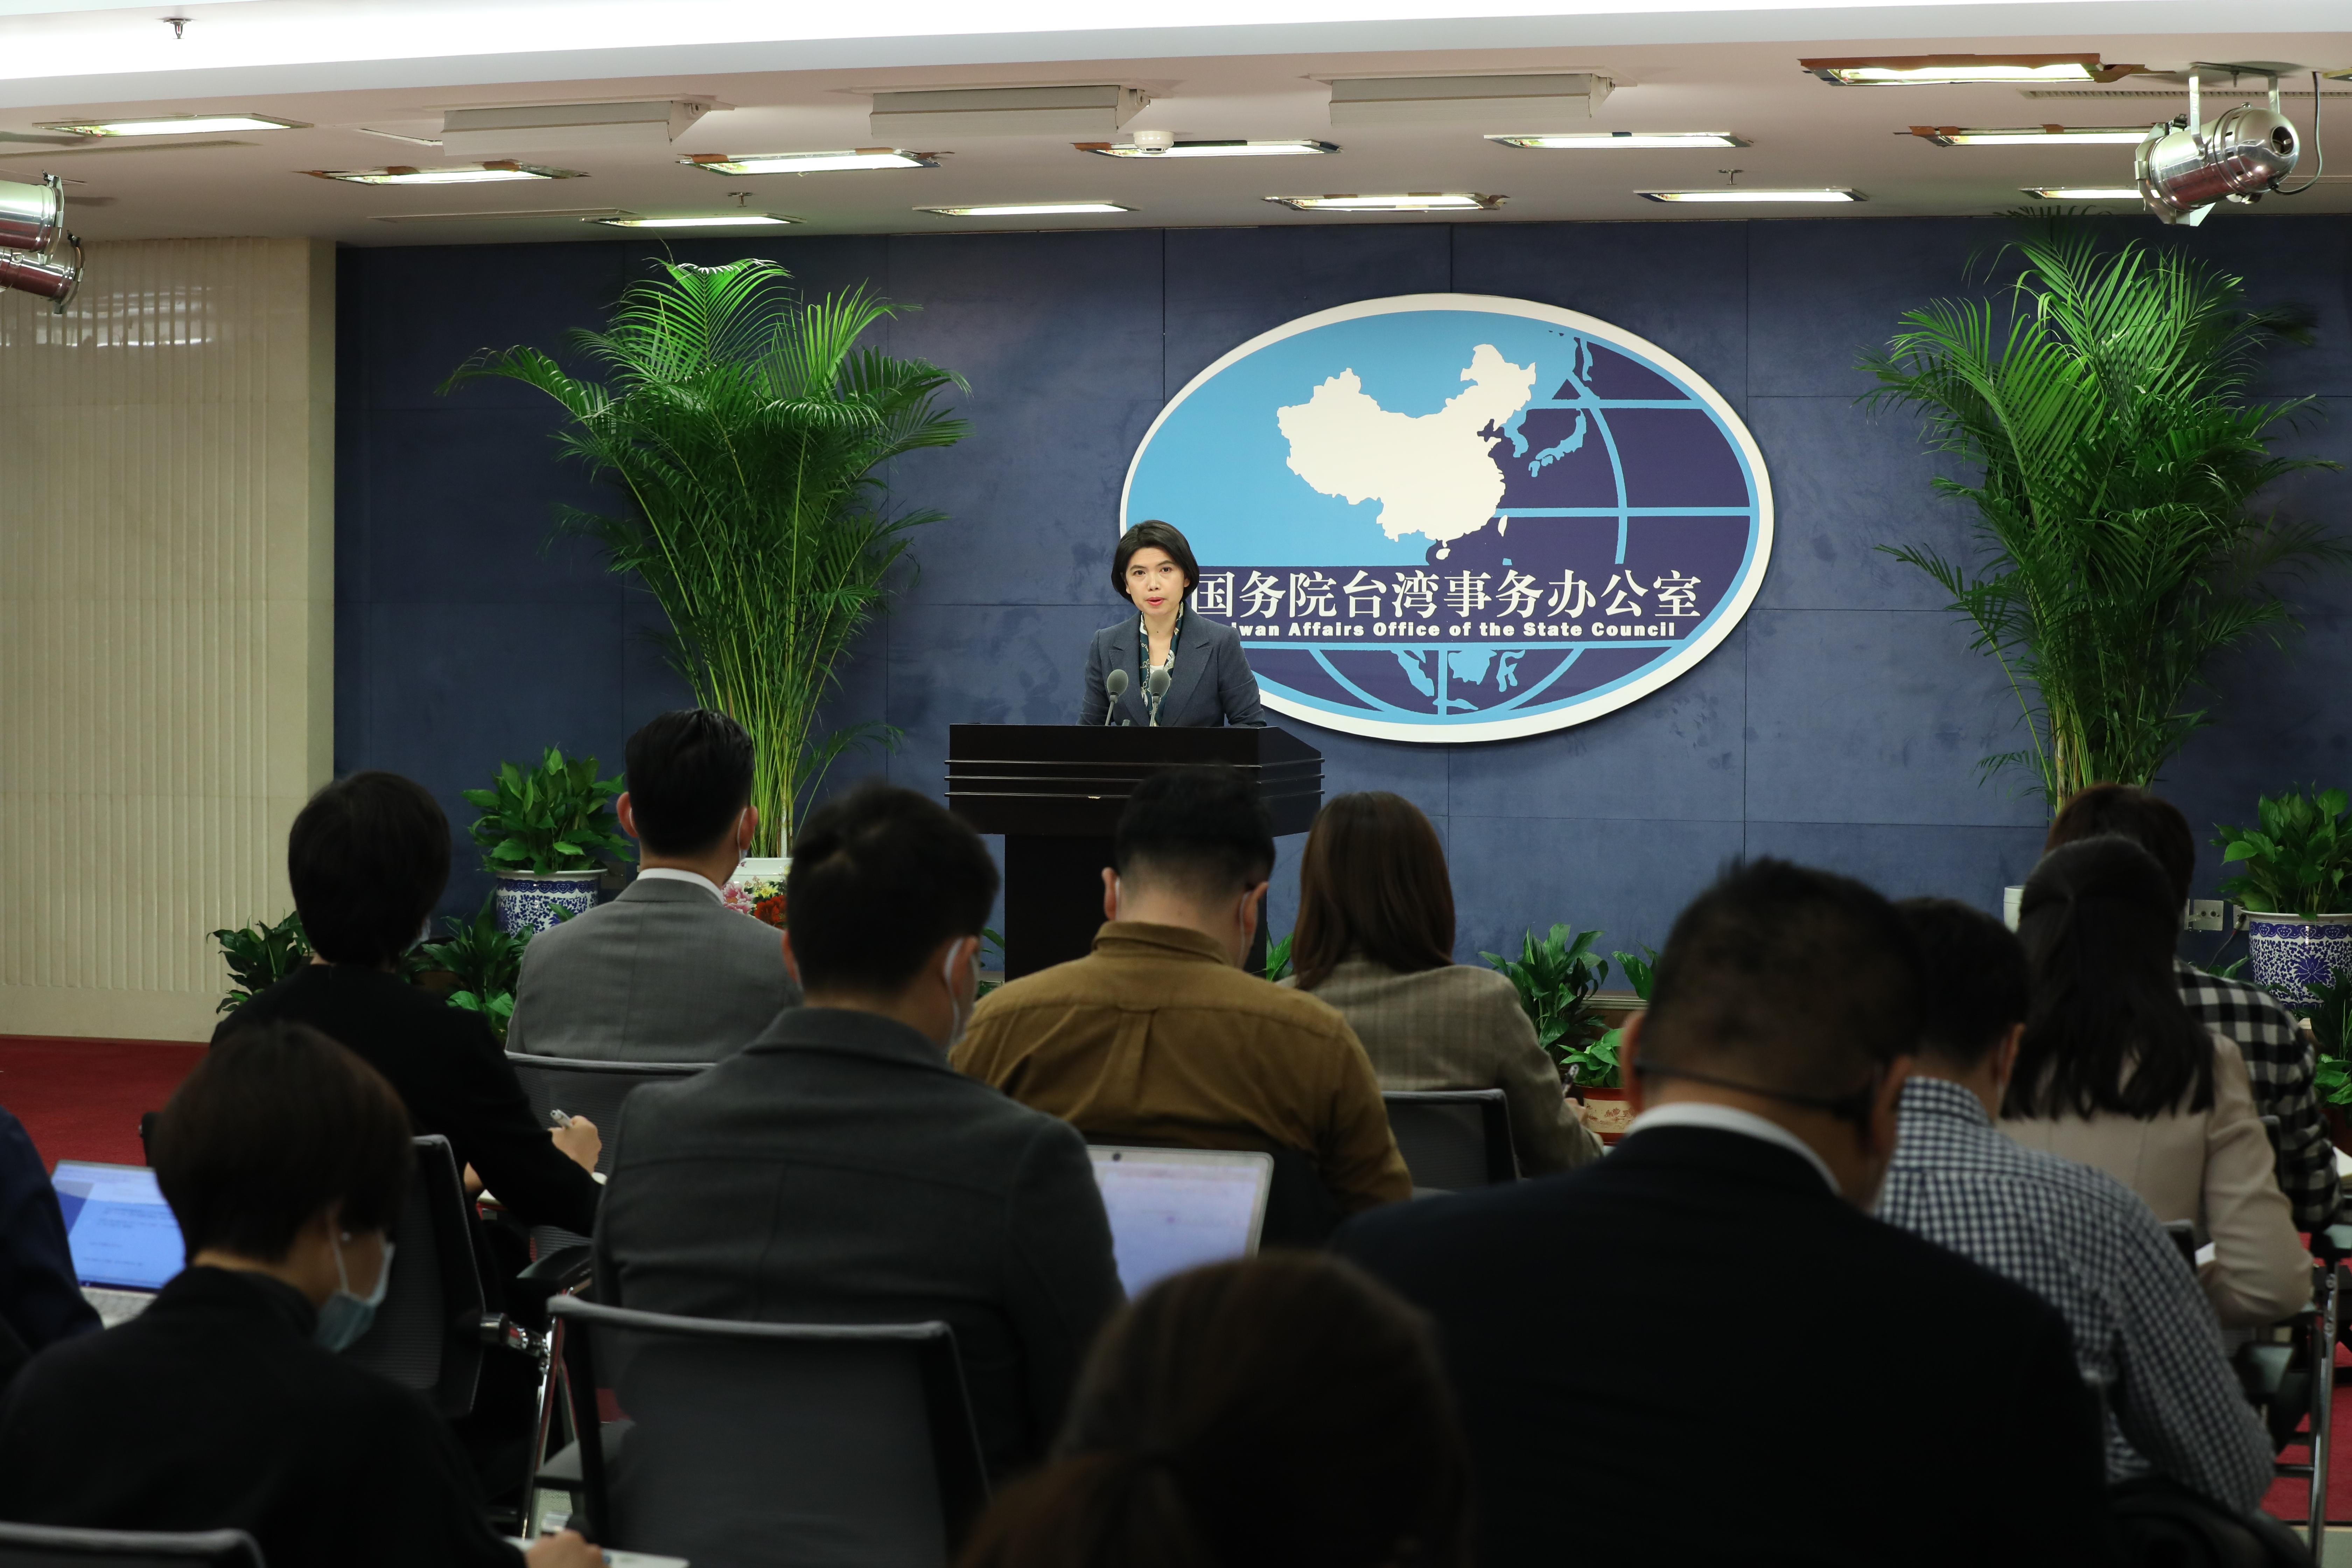 """回应""""智统台湾"""" 国台办:支持为祖国统一建言献策图片"""